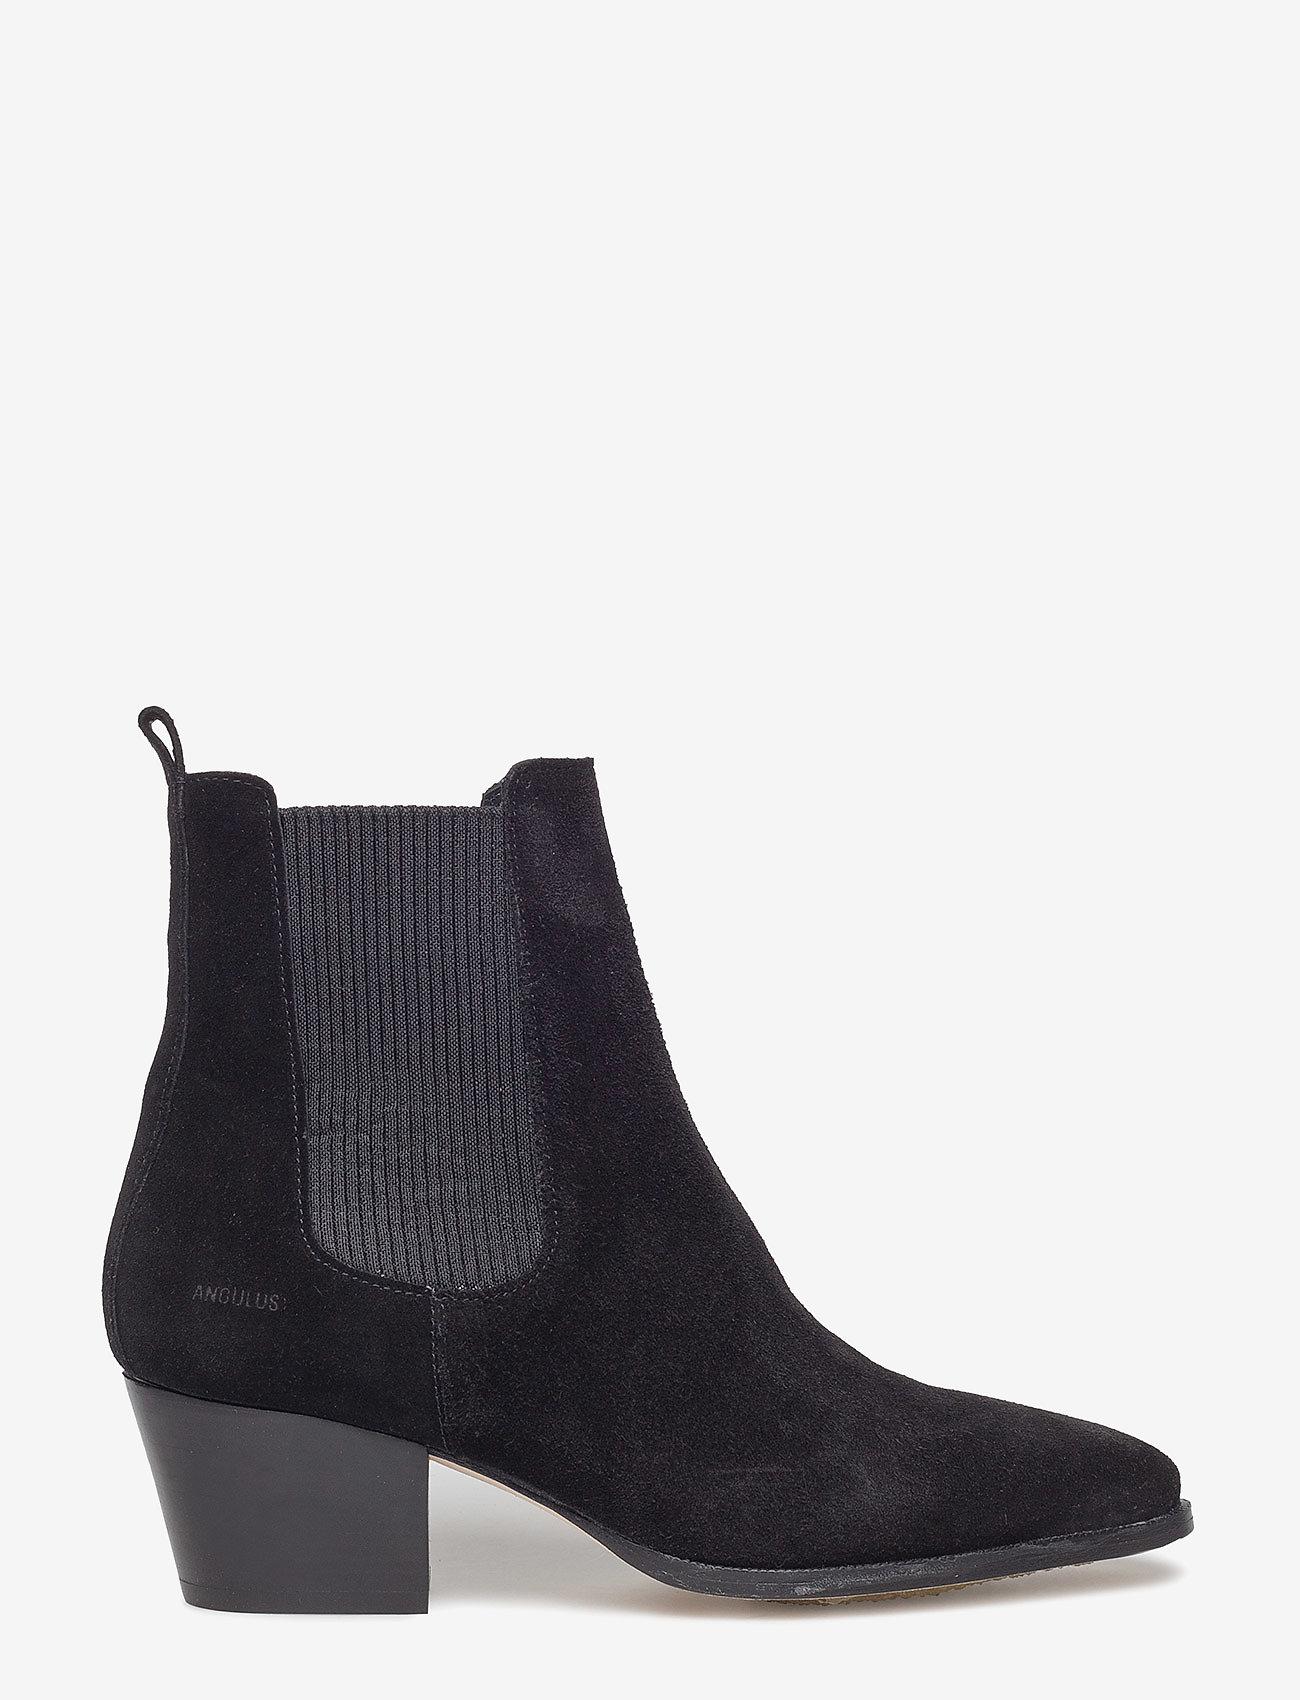 ANGULUS - Booties - Block heel - with elas - stiefeletten mit absatz - 1163/019 black/black - 1